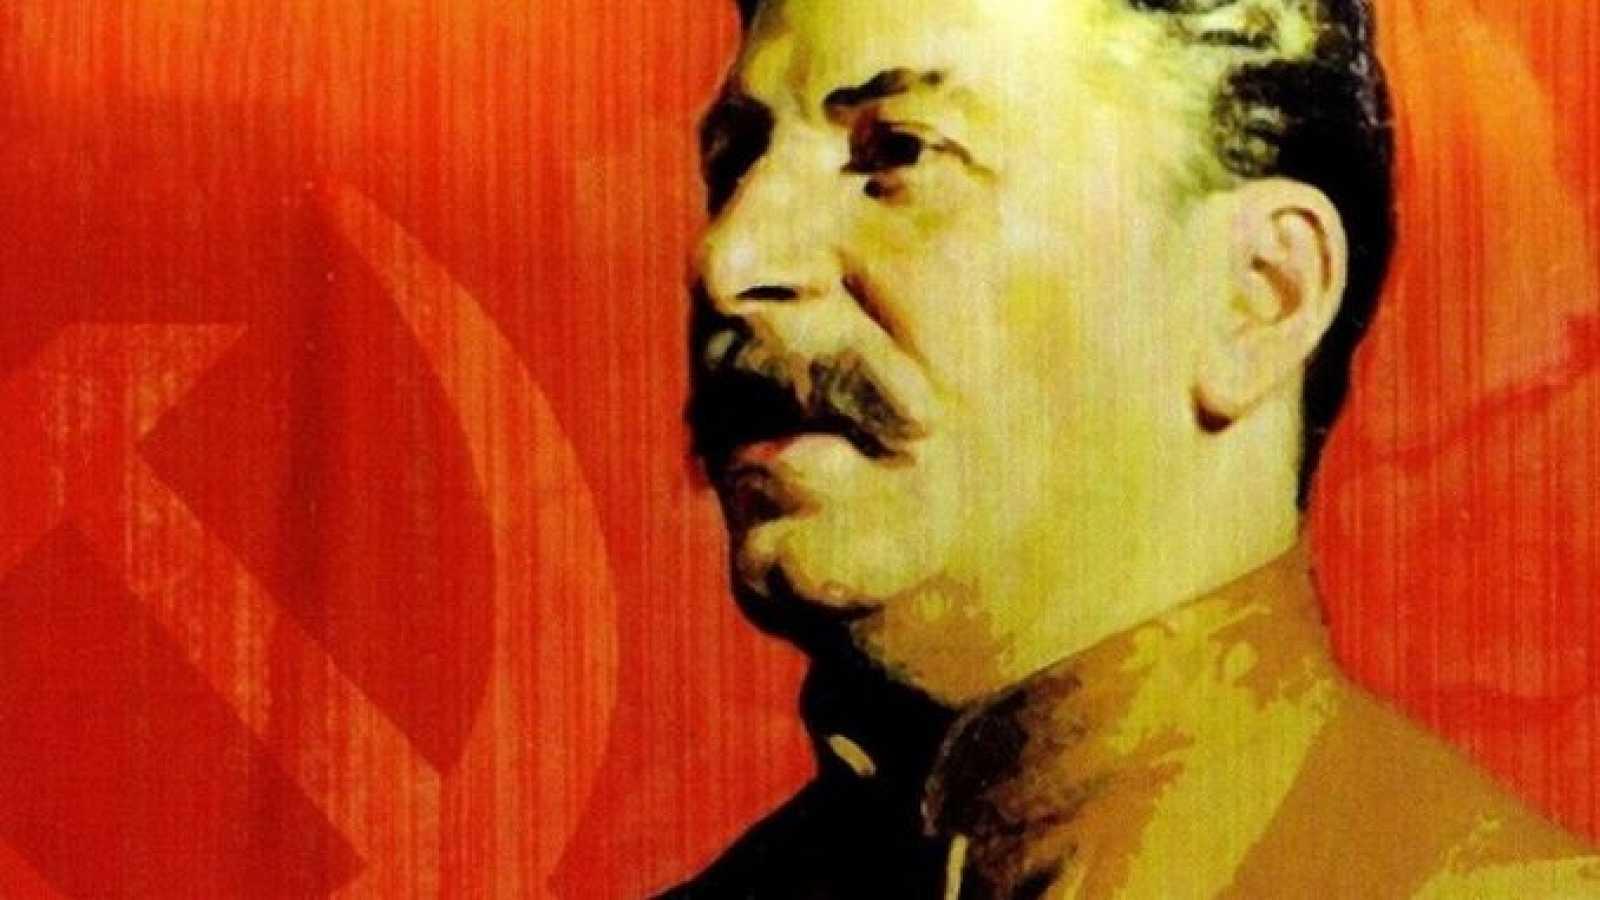 El ascenso al poder de Iósif Stalin, este miércoles en Documaster